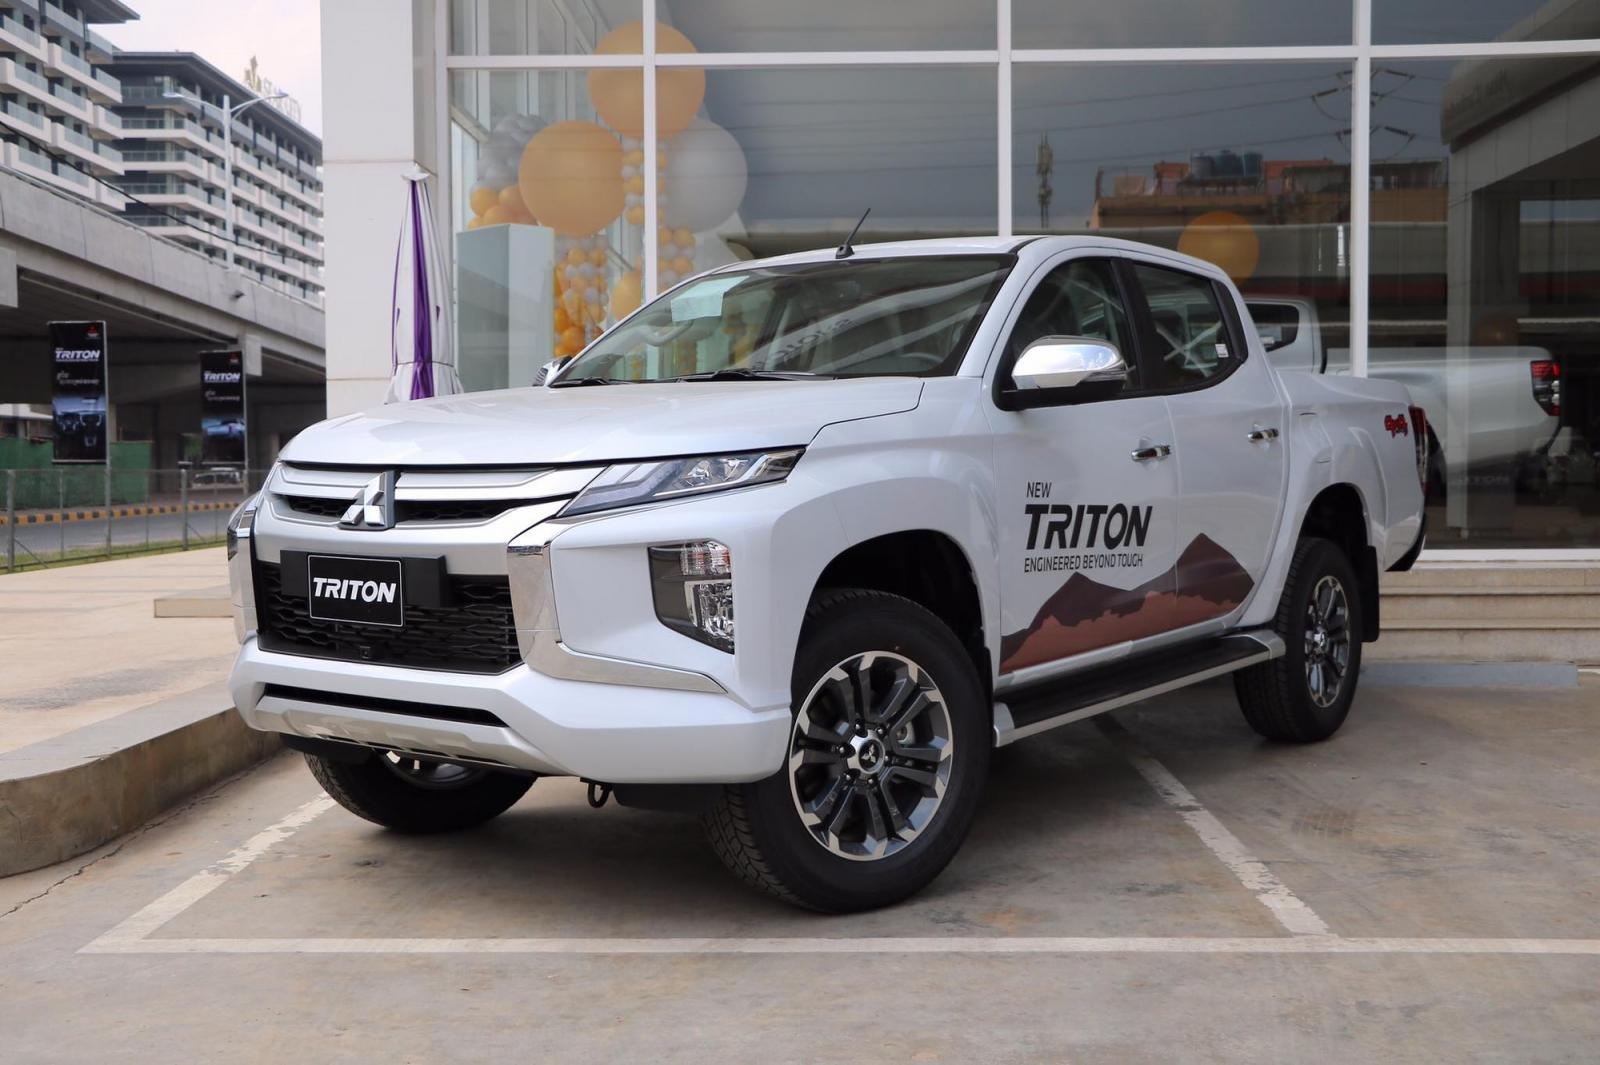 Giá xe Mitsubishi Triton 2019 mới cập nhật tháng 5/2019 a2